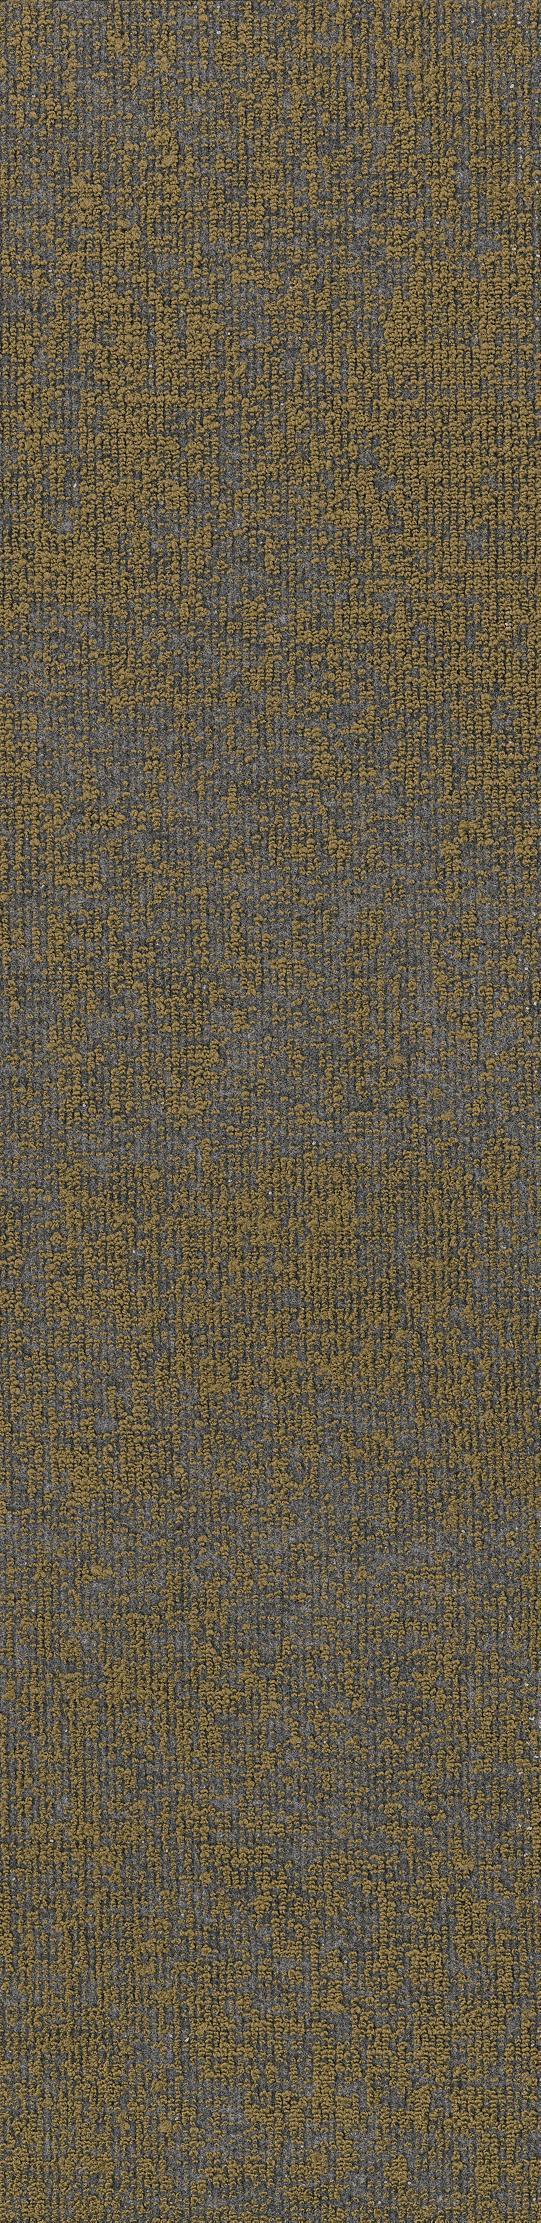 """Shaw Top Stitch Carpet Tile Olive 12"""" x 48"""" Builder(48 sq ft/ctn)"""